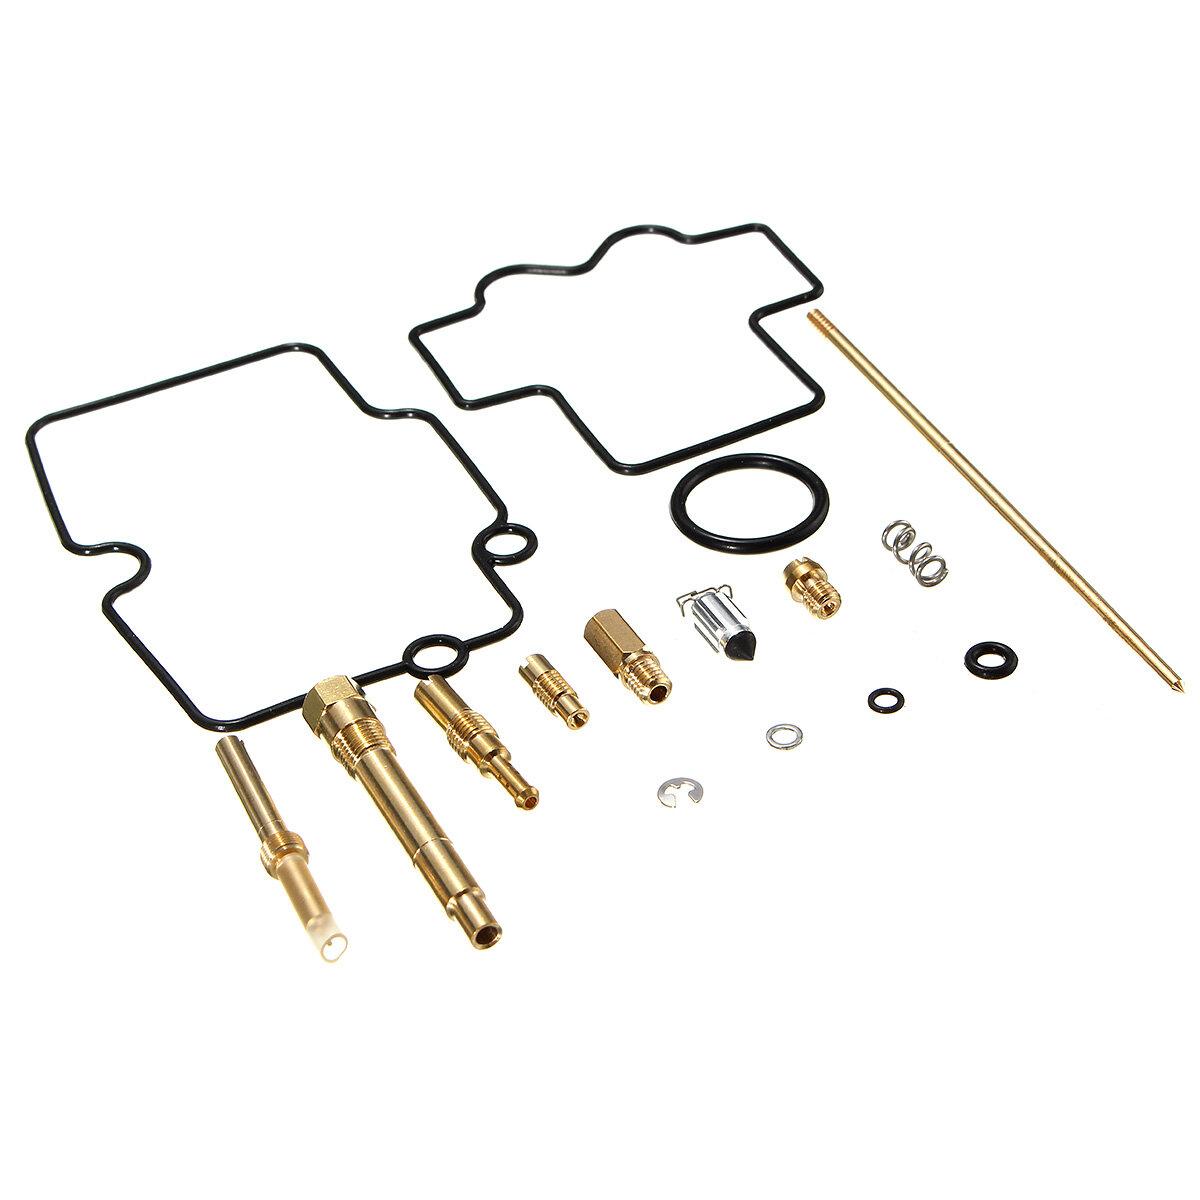 Carburetor Carb Rebuild Repair Kit For Honda Crf250x